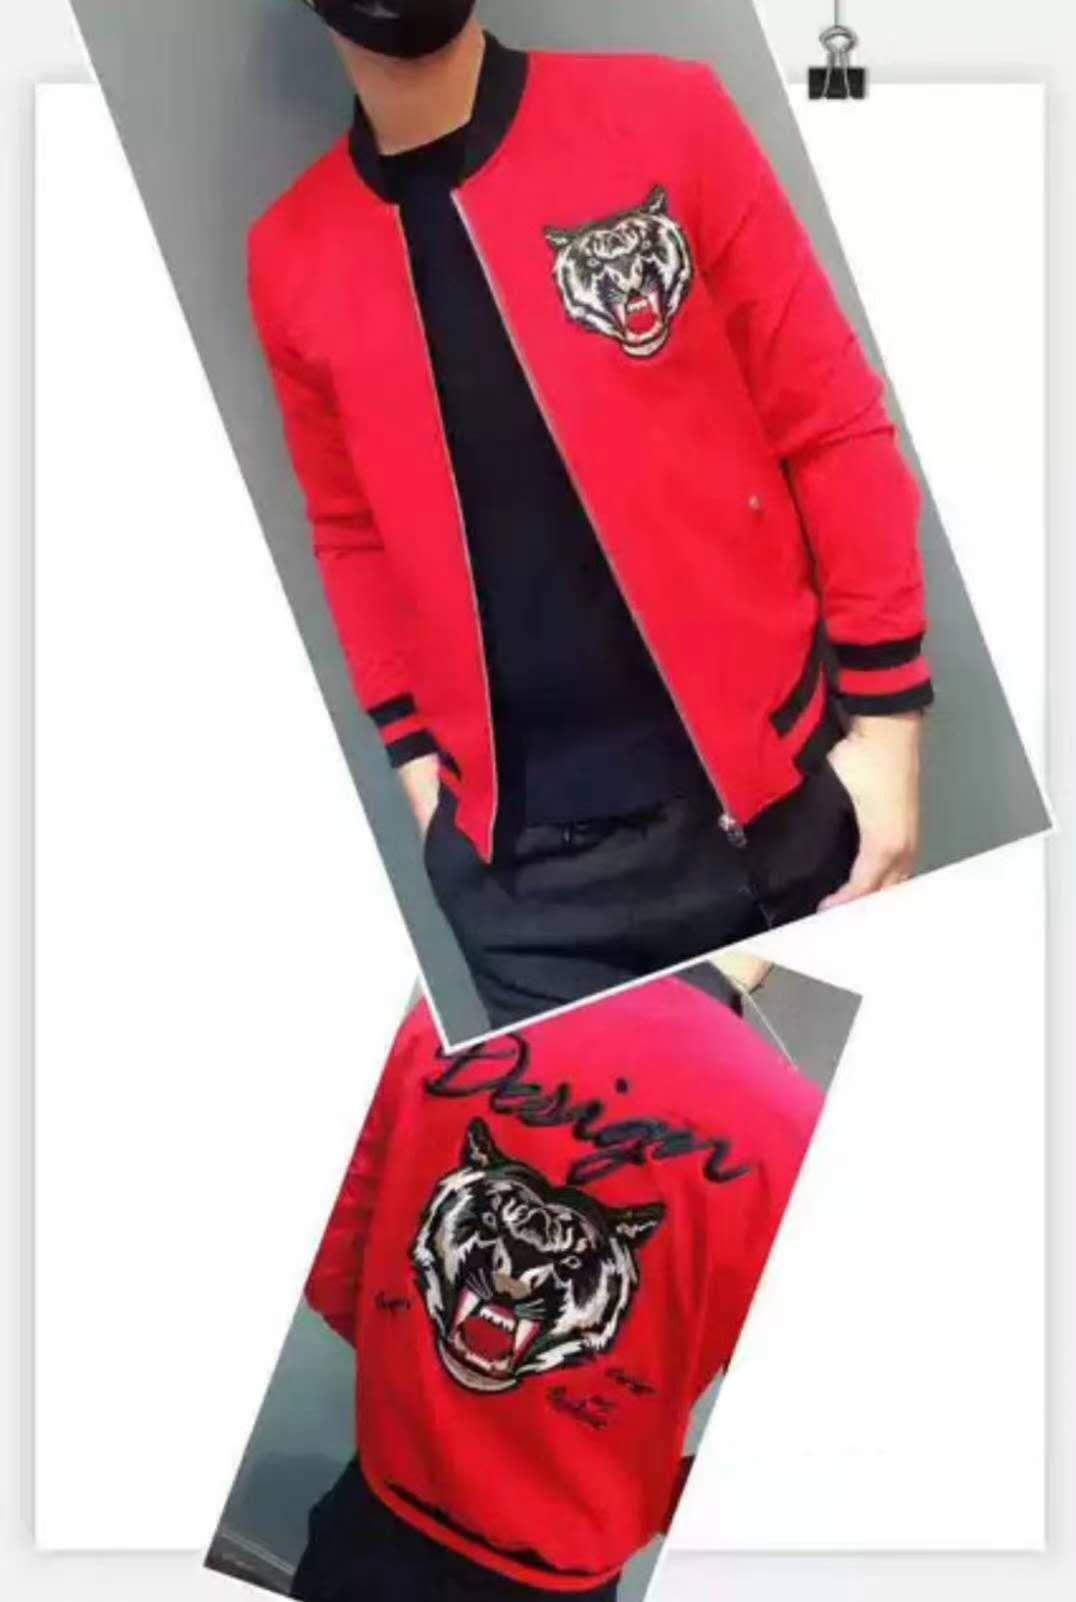 男生春季红色刺绣外套虎头个性潮牌修身帅阳光棒球青年薄款夹克衫